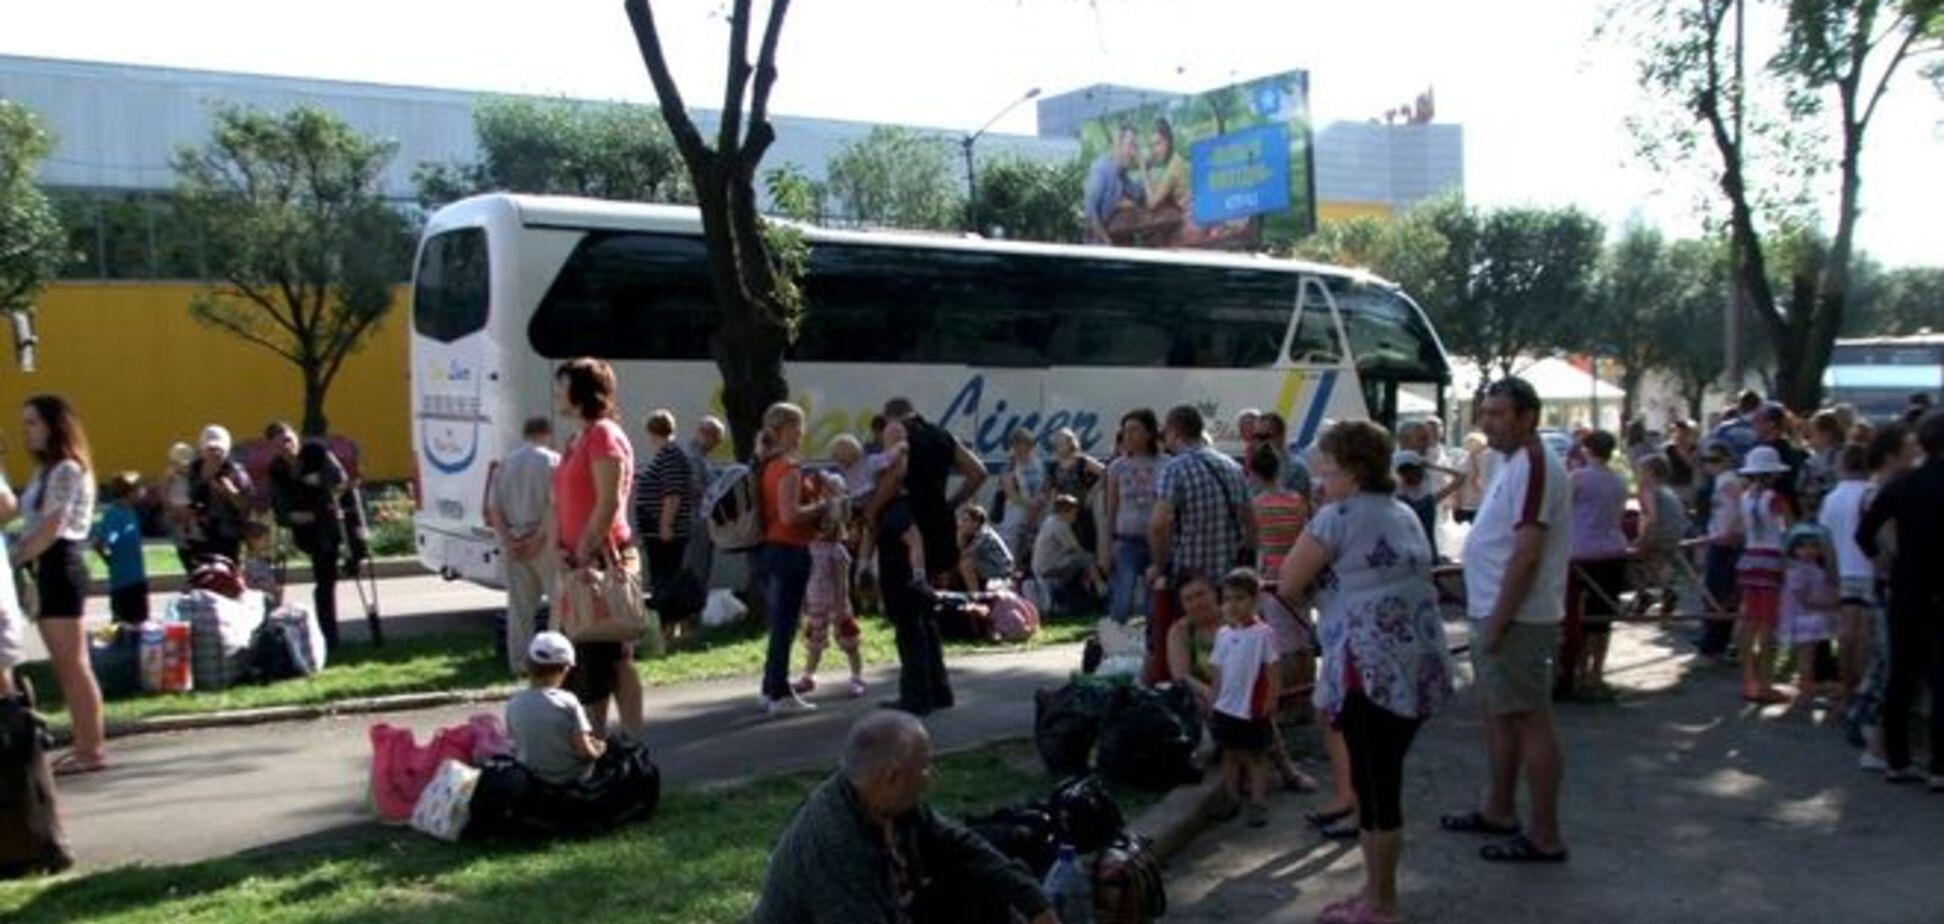 Терористи планують запустити автобус в окупований Крим